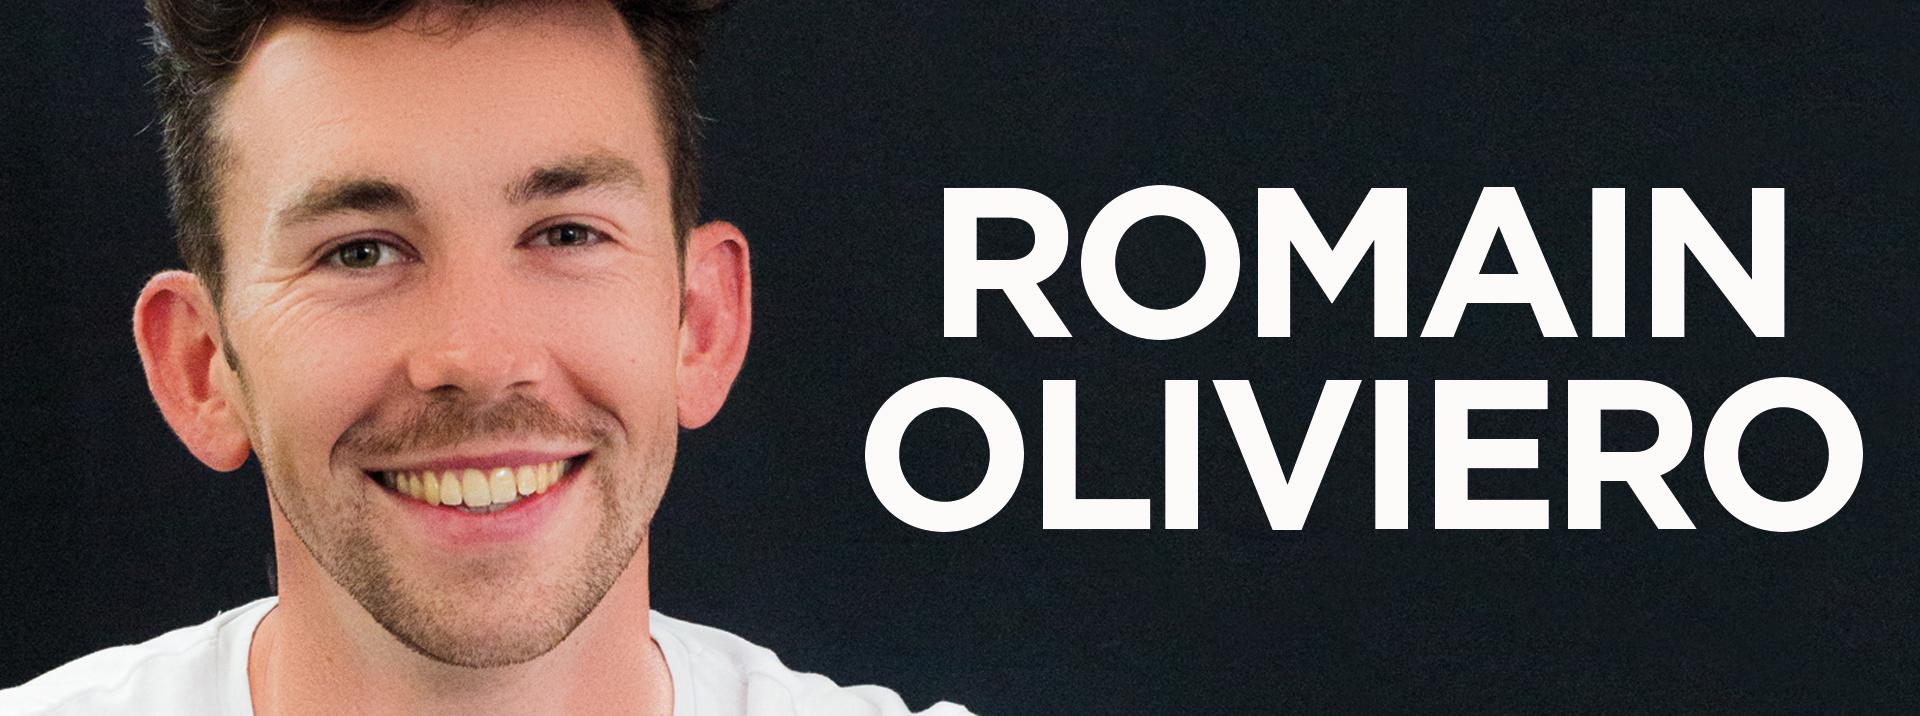 Agenda culturel nantes, découvrez le spectacle de Romain Oliviero un humoriste nantais. Il se produira à la compagnie du café théâtre dans la nouvelle saison culturelle nantaise.